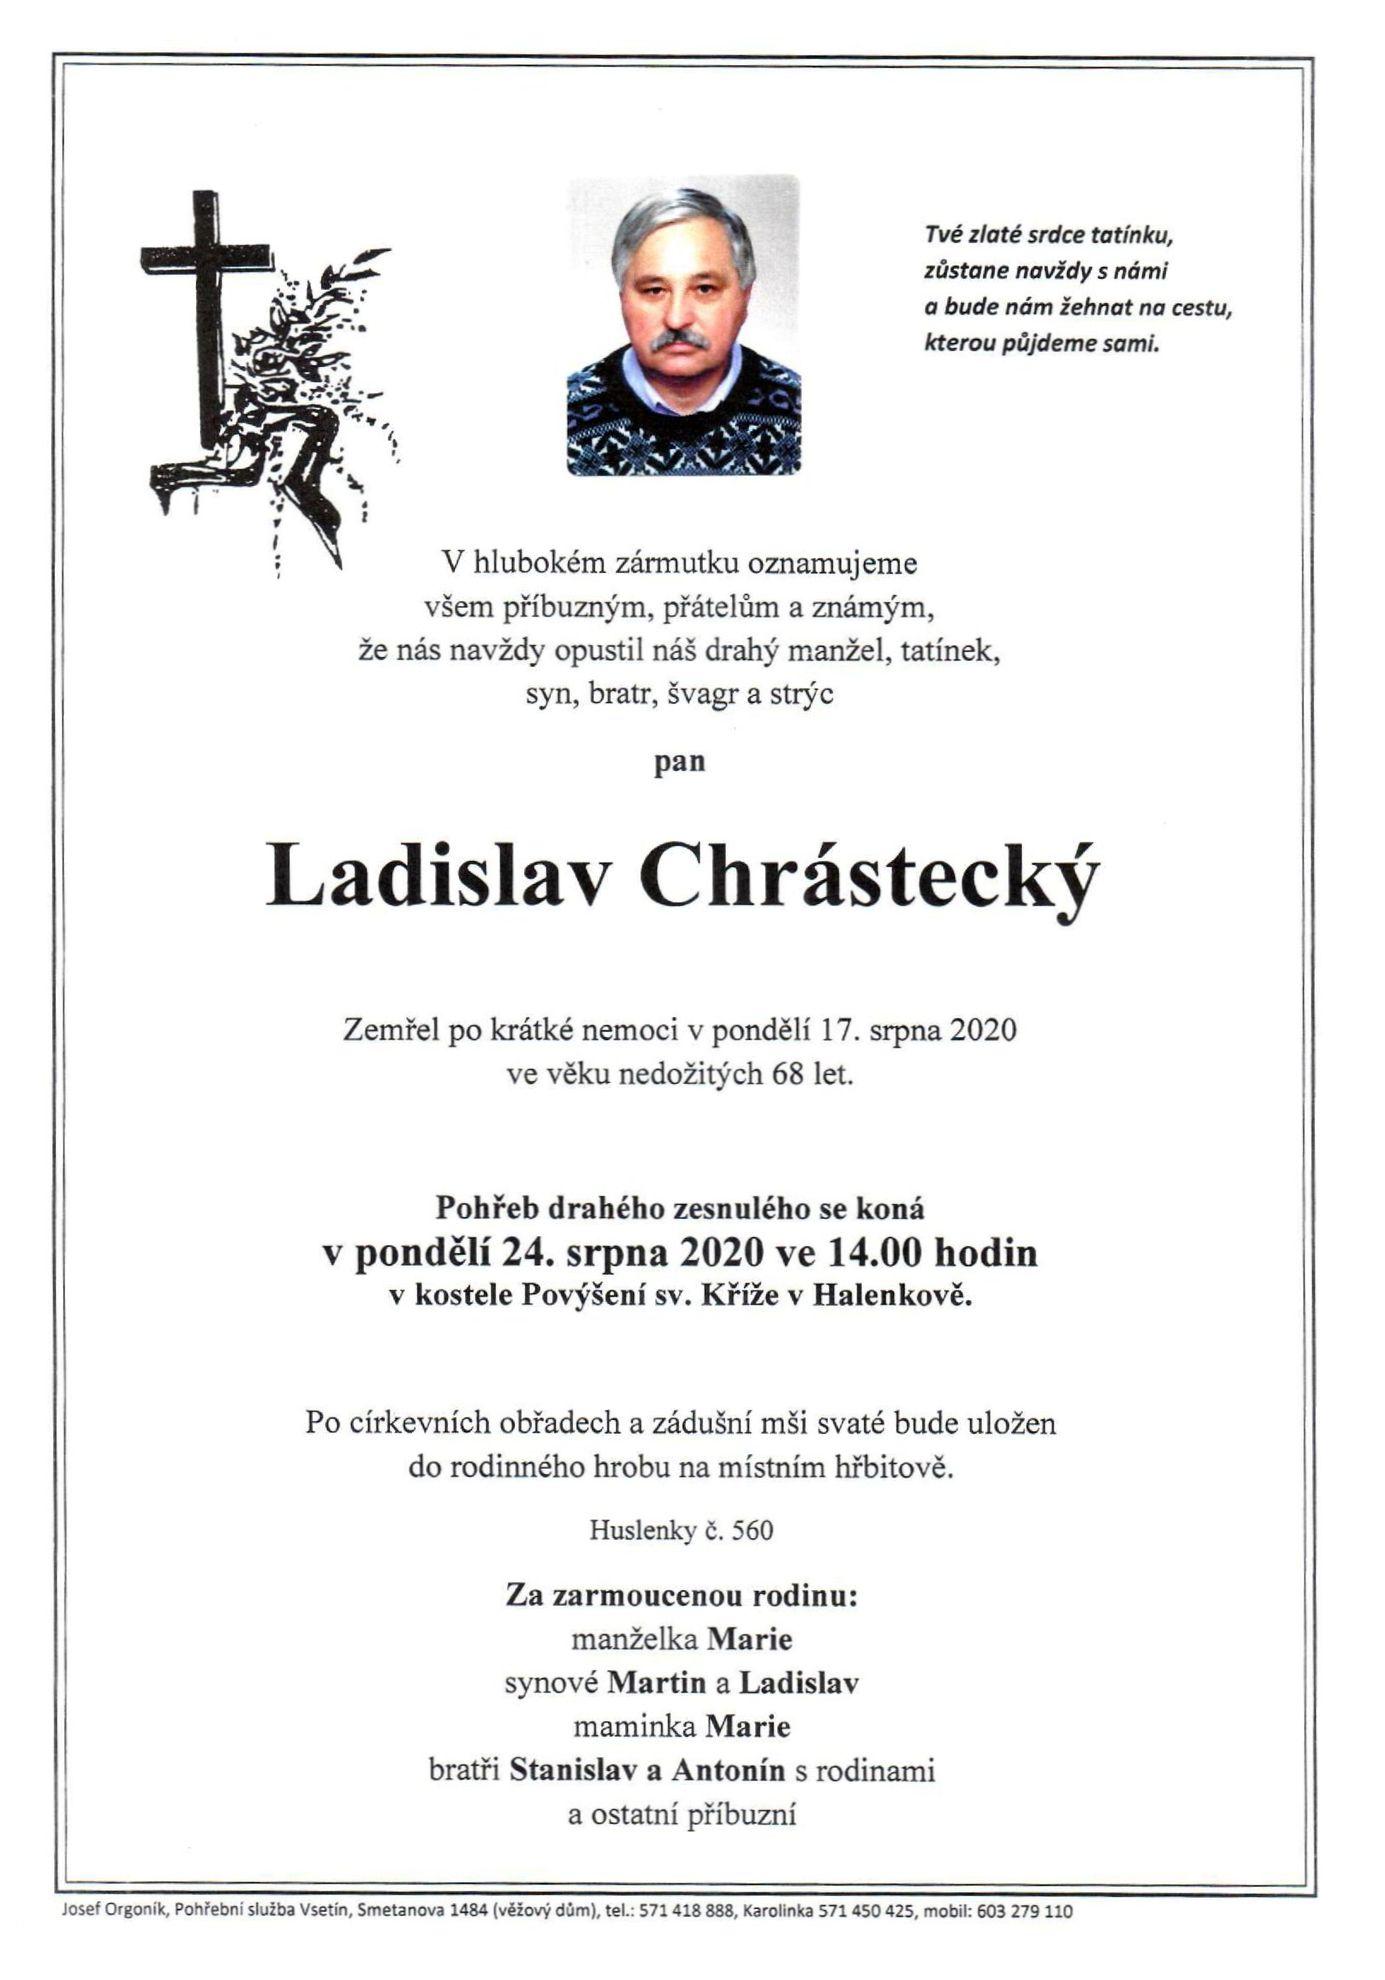 Ladislav Chrástecký